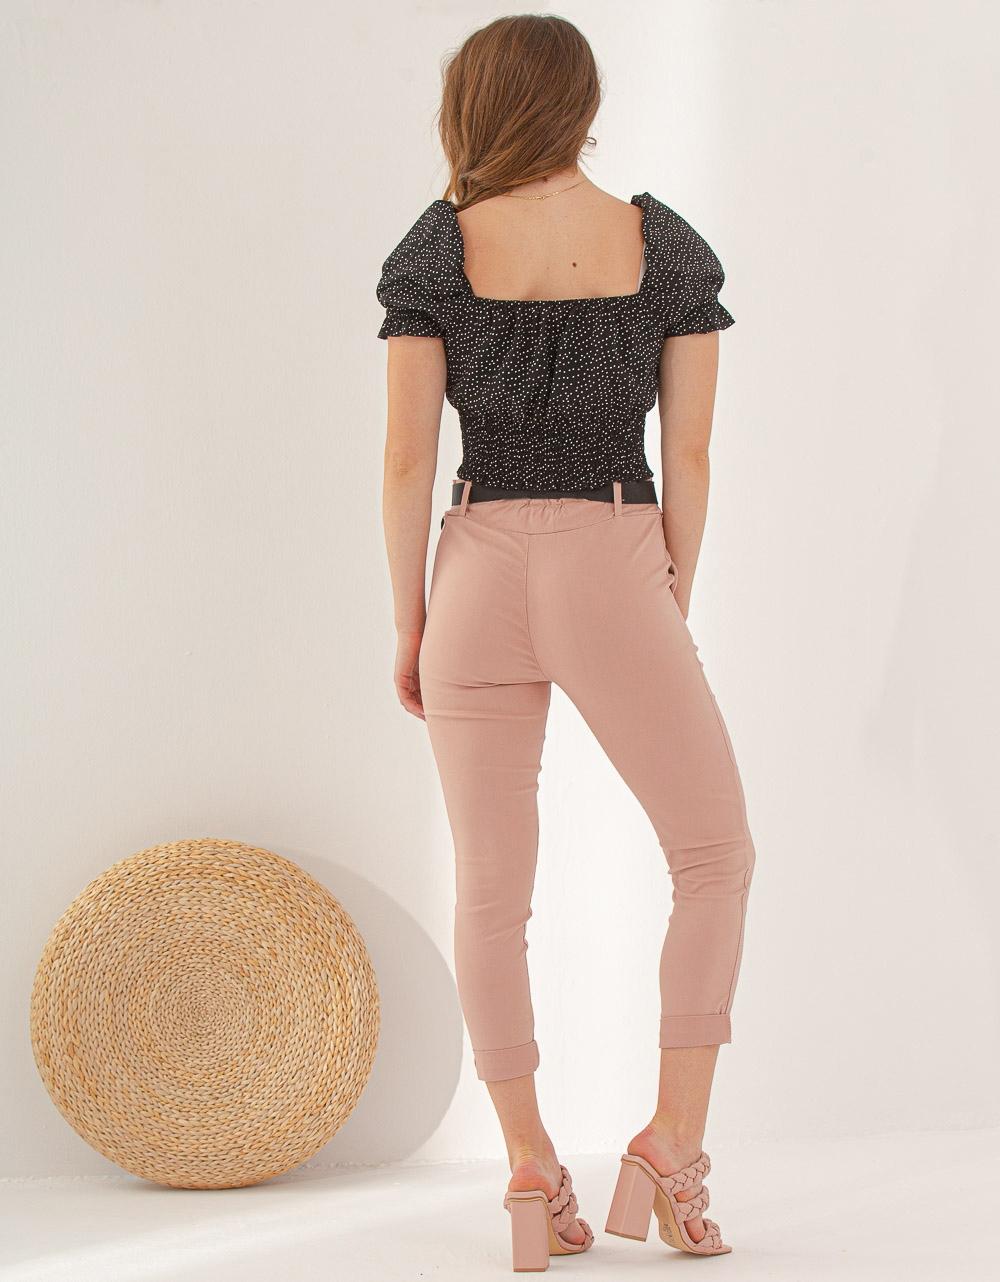 Εικόνα από Γυναικείο παντελόνι σε ίσια γραμμή Ροζ